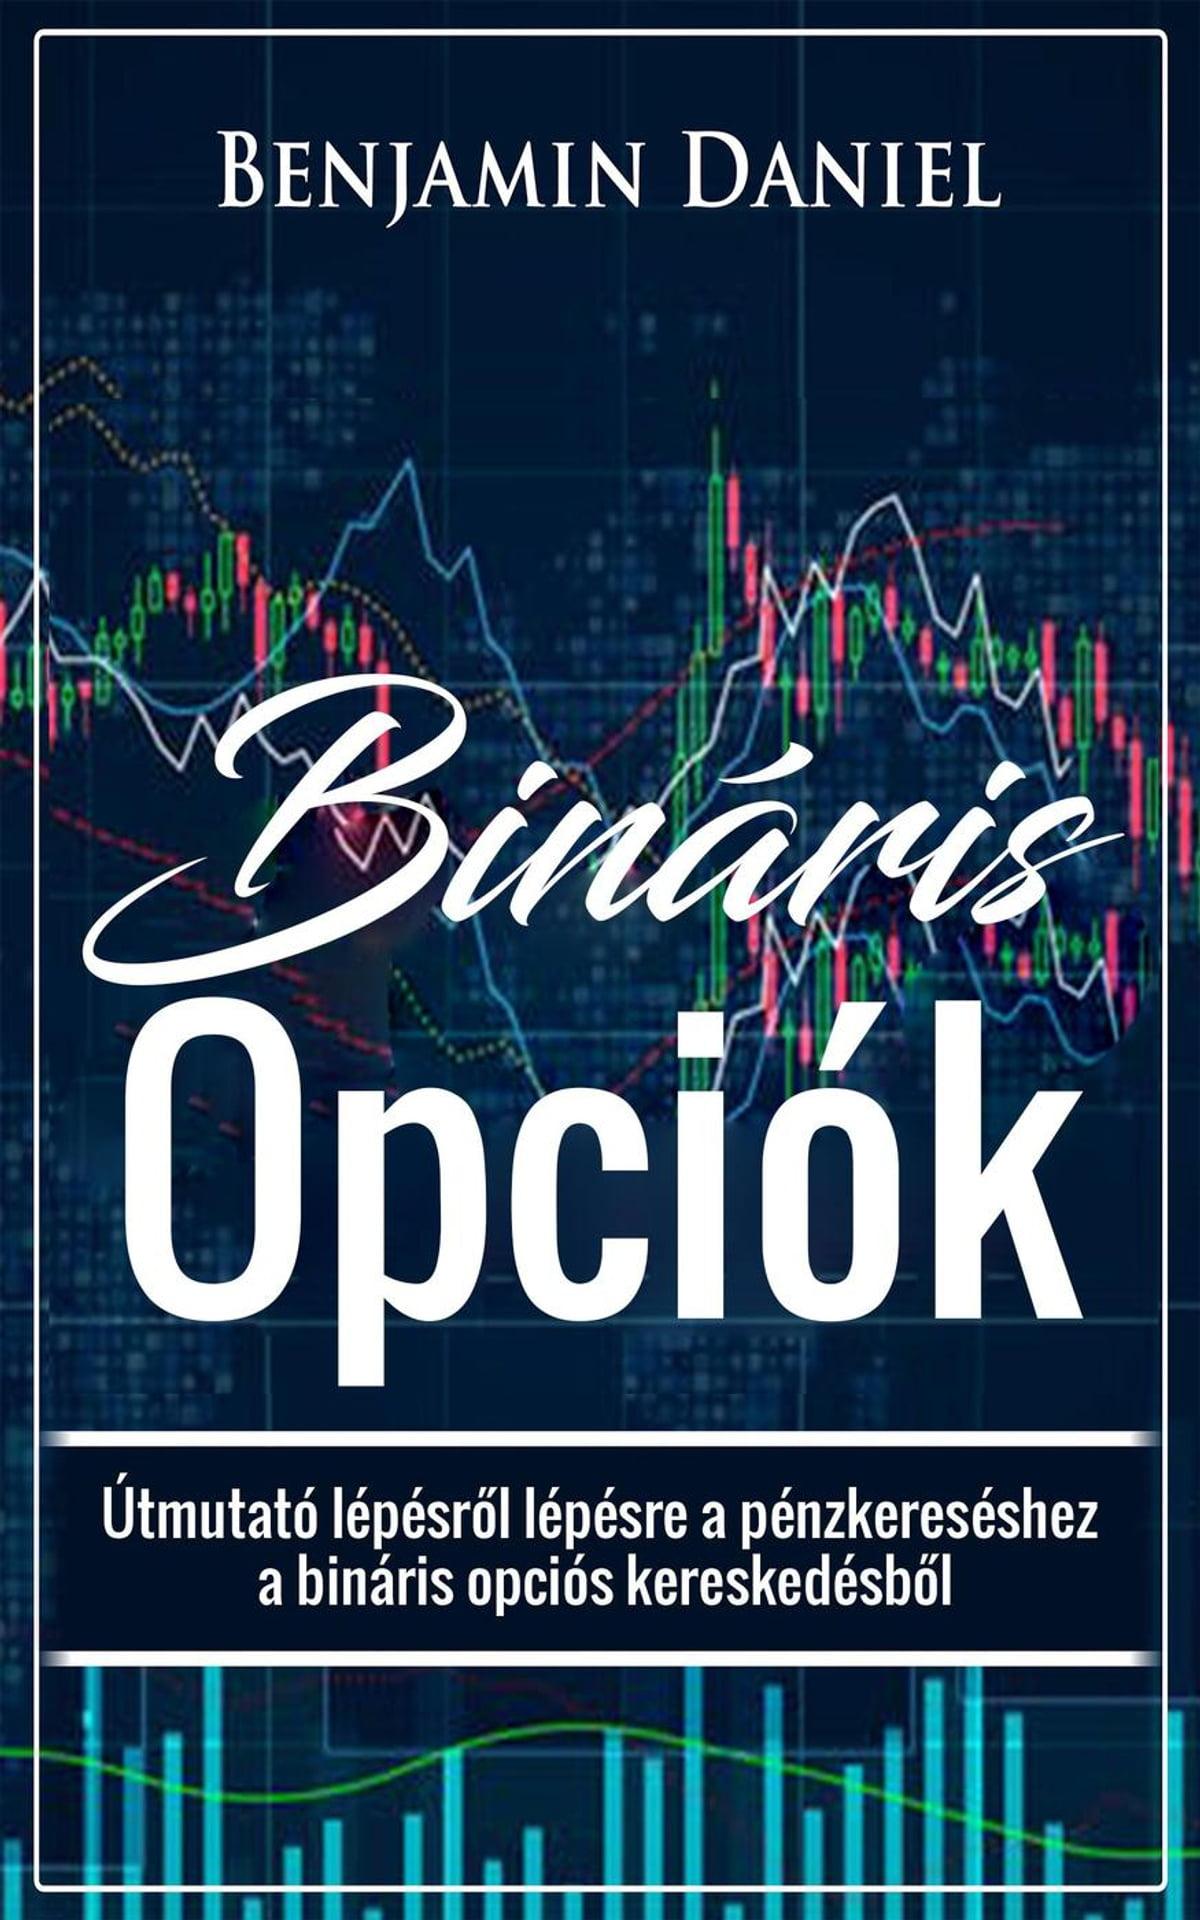 program bináris opciók előrejelzésére